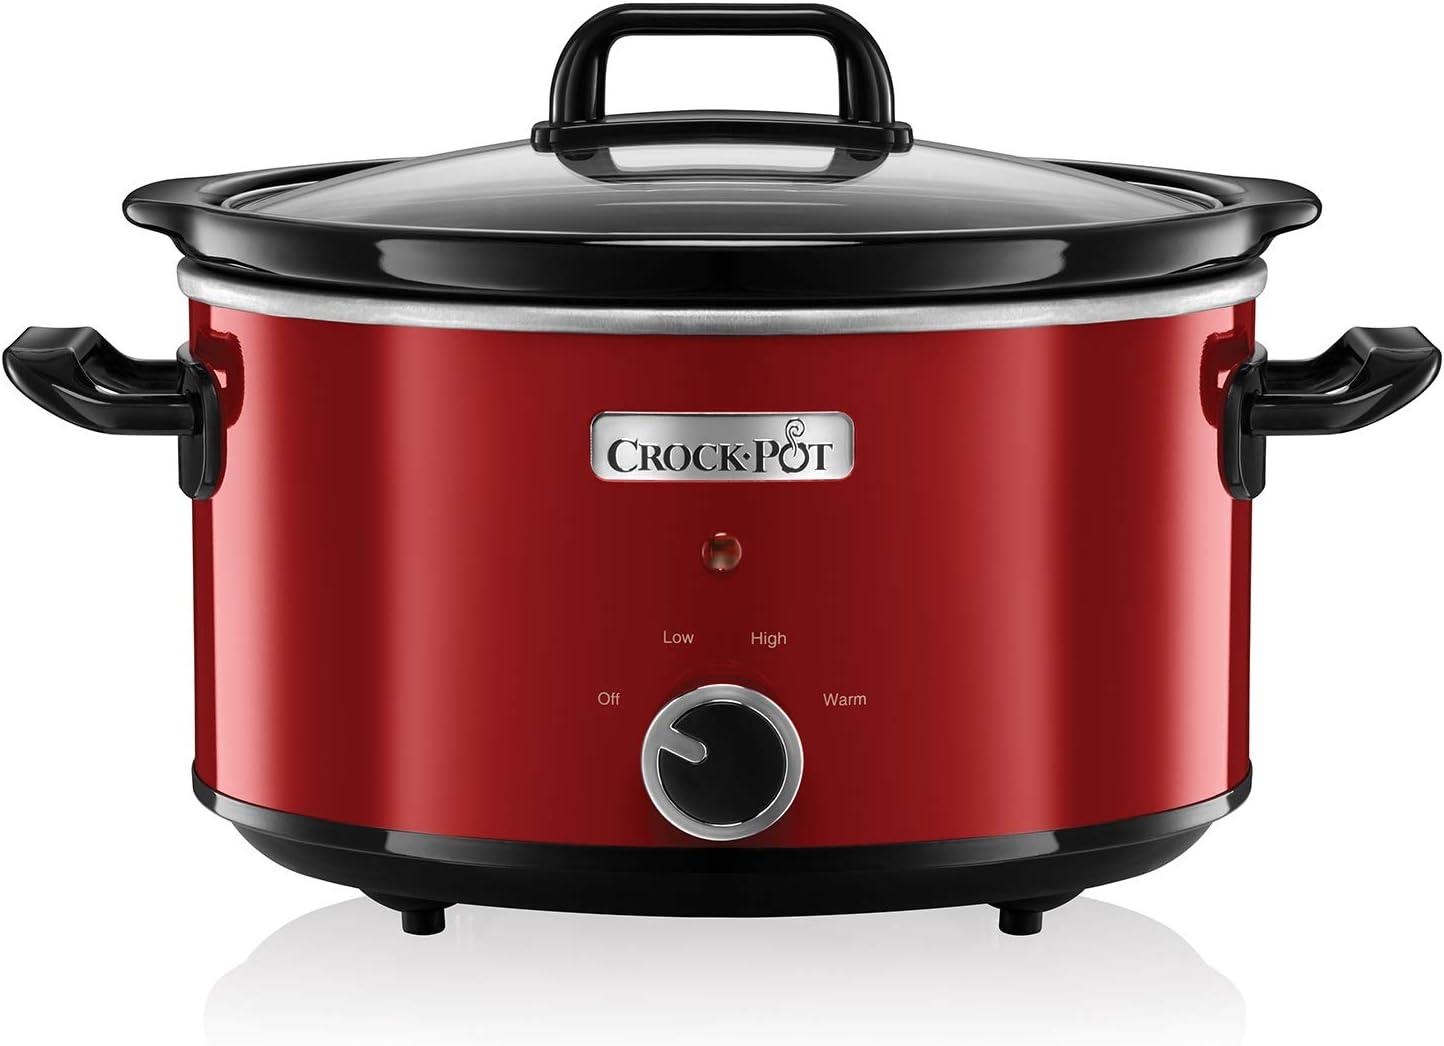 Crock-Pot - Olla de cocción lenta (3,5 l), color rojo [importado de UK]: Amazon.es: Hogar